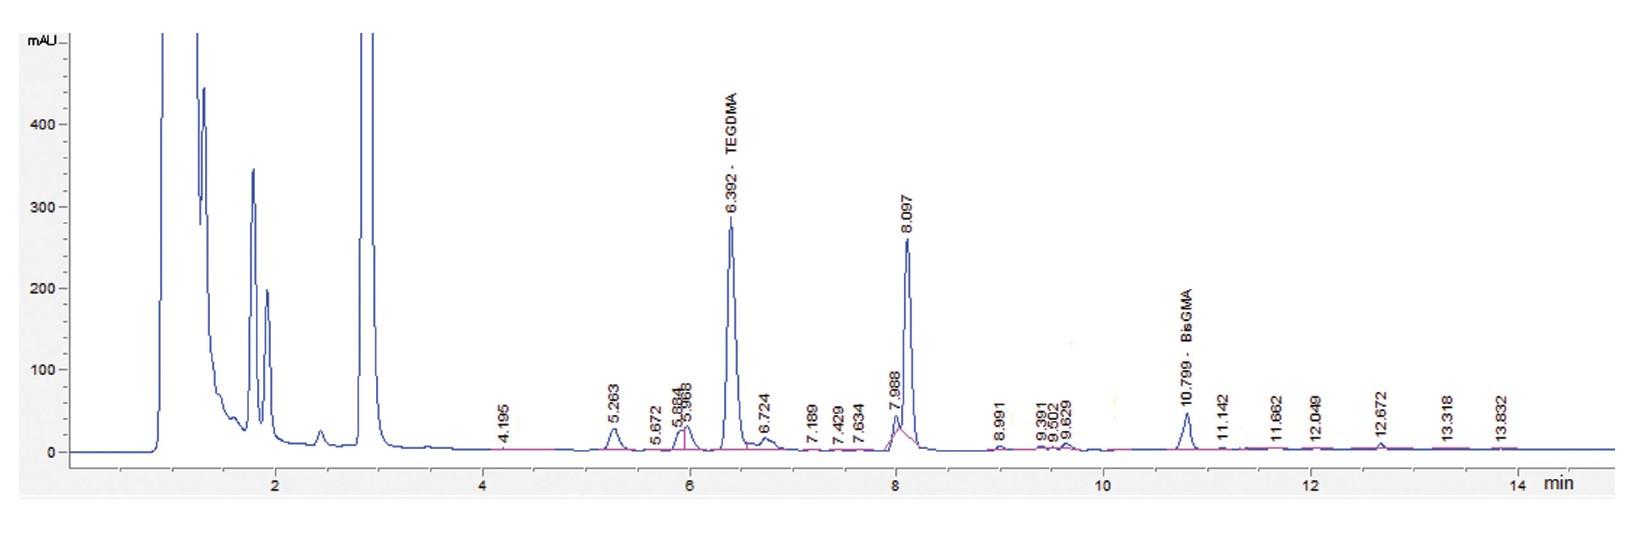 Obr. 2 Chromatogram slín po extrakcii kompozitu Charisma s pozitívnym nálezom TEGDMA a Bis-GMA s detekciou pri vlnovej dĺžke 227 nm<br> Fig. 2 Chromatogram of a saliva after extraction of Charisma composite with a positive finding of TEGDMA and Bis-GMA detection at 227 nm